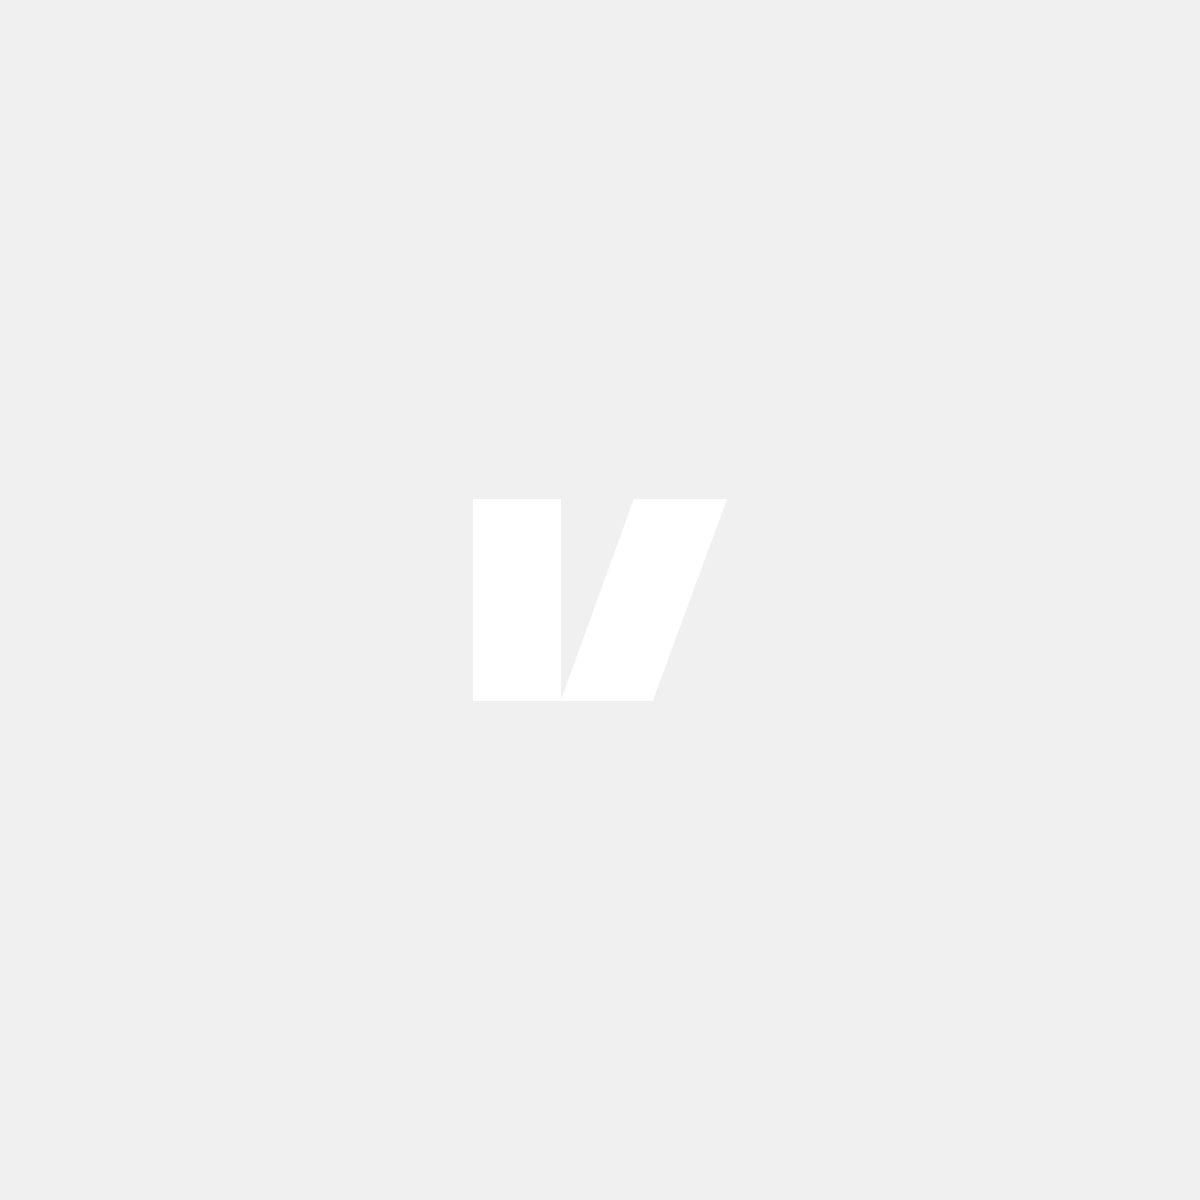 XC-Grill helkromad, till Volvo S70, V70, C70